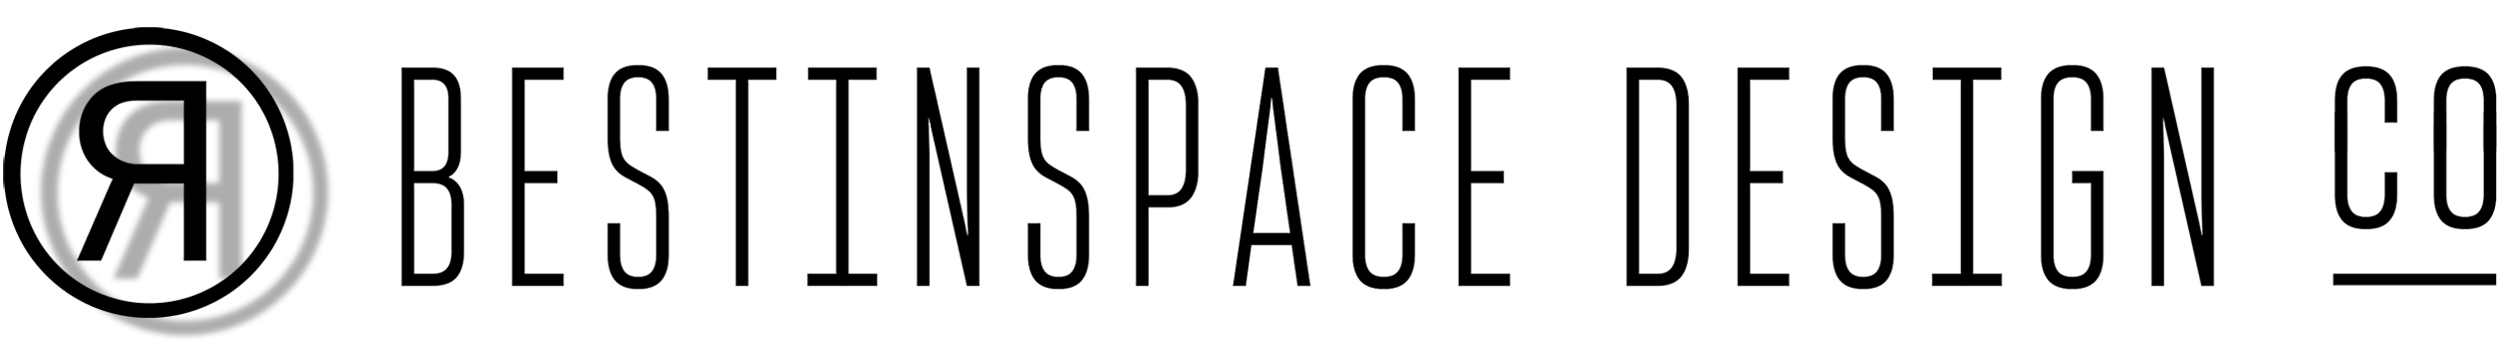 Bestinspace Design Co. Мы не изучаем тренд, мы его создаем.